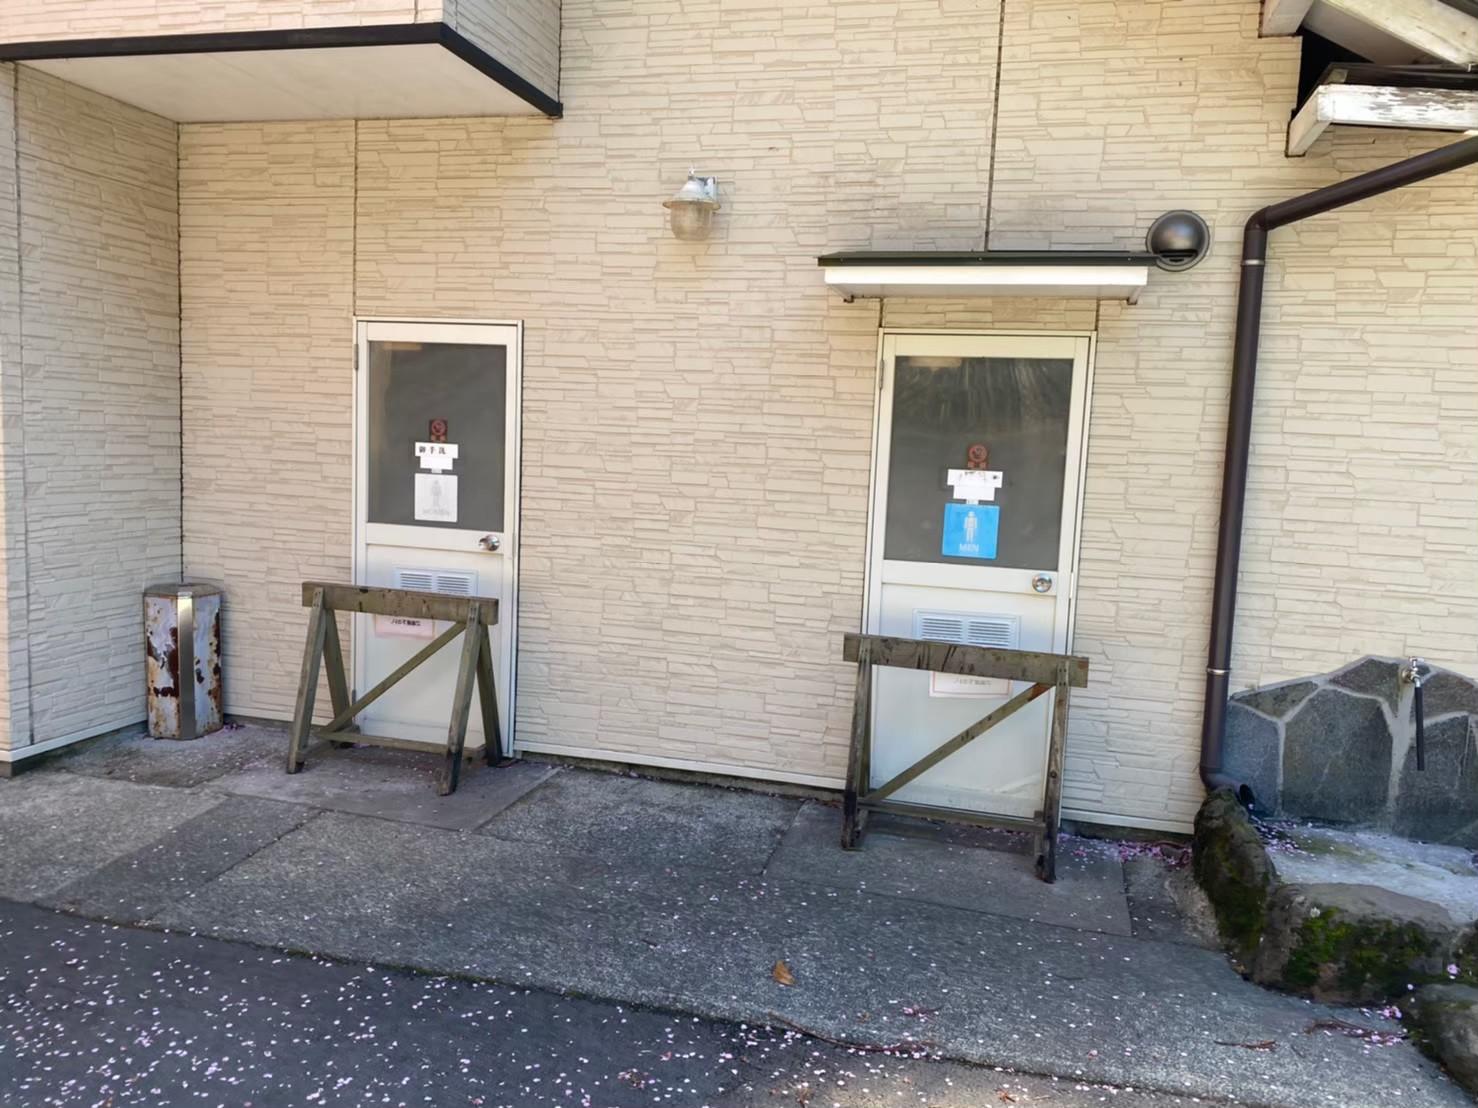 【静岡県 伊豆】『河津オートキャンプ場』の情報まとめ(駐車場・トイレ)